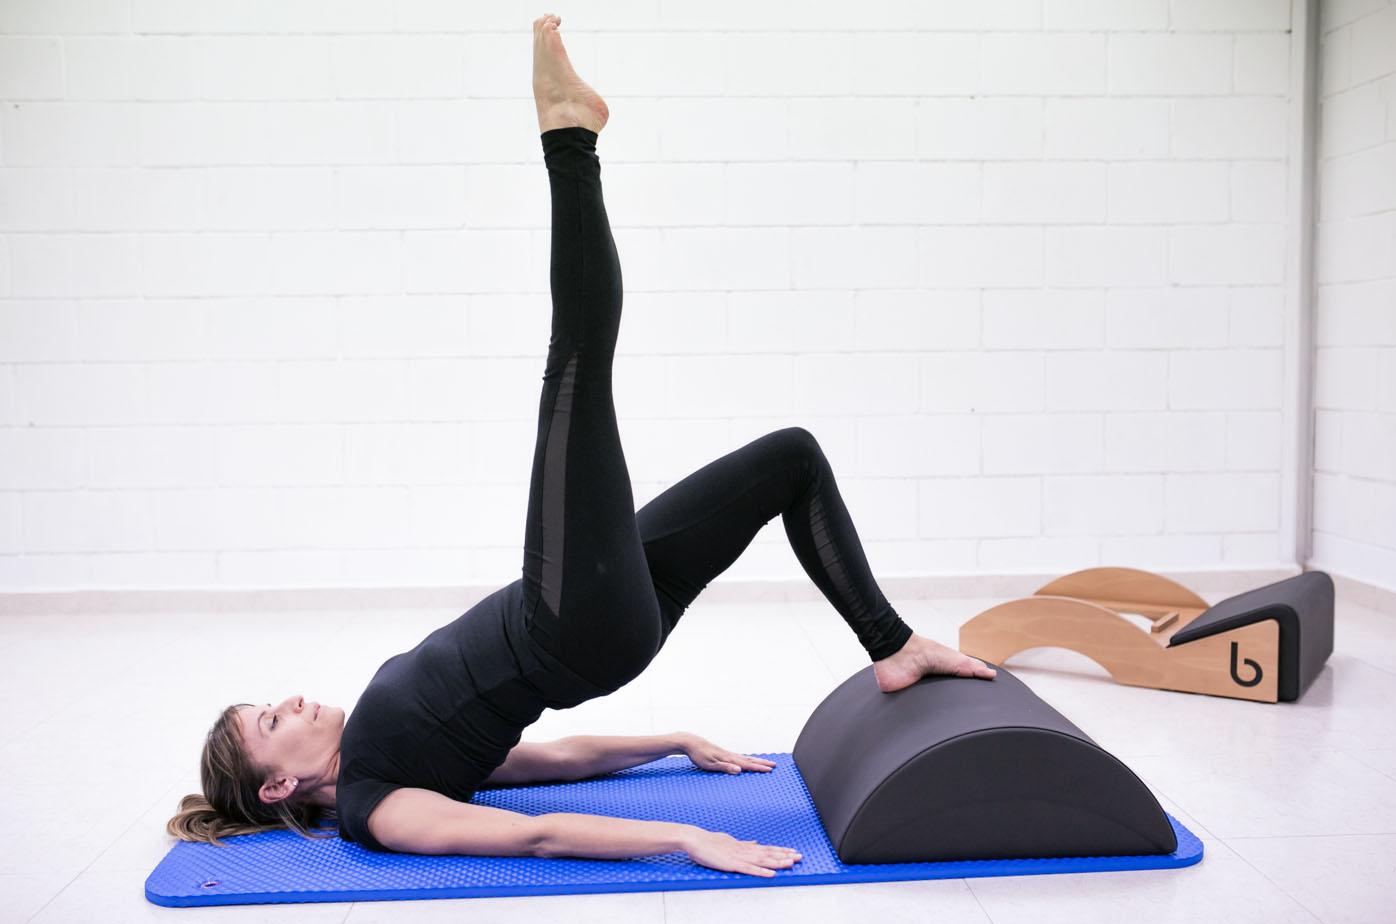 Posturas y posiciones de pilates más practicadas Blog - Posturas y posiciones de pilates más practicadas